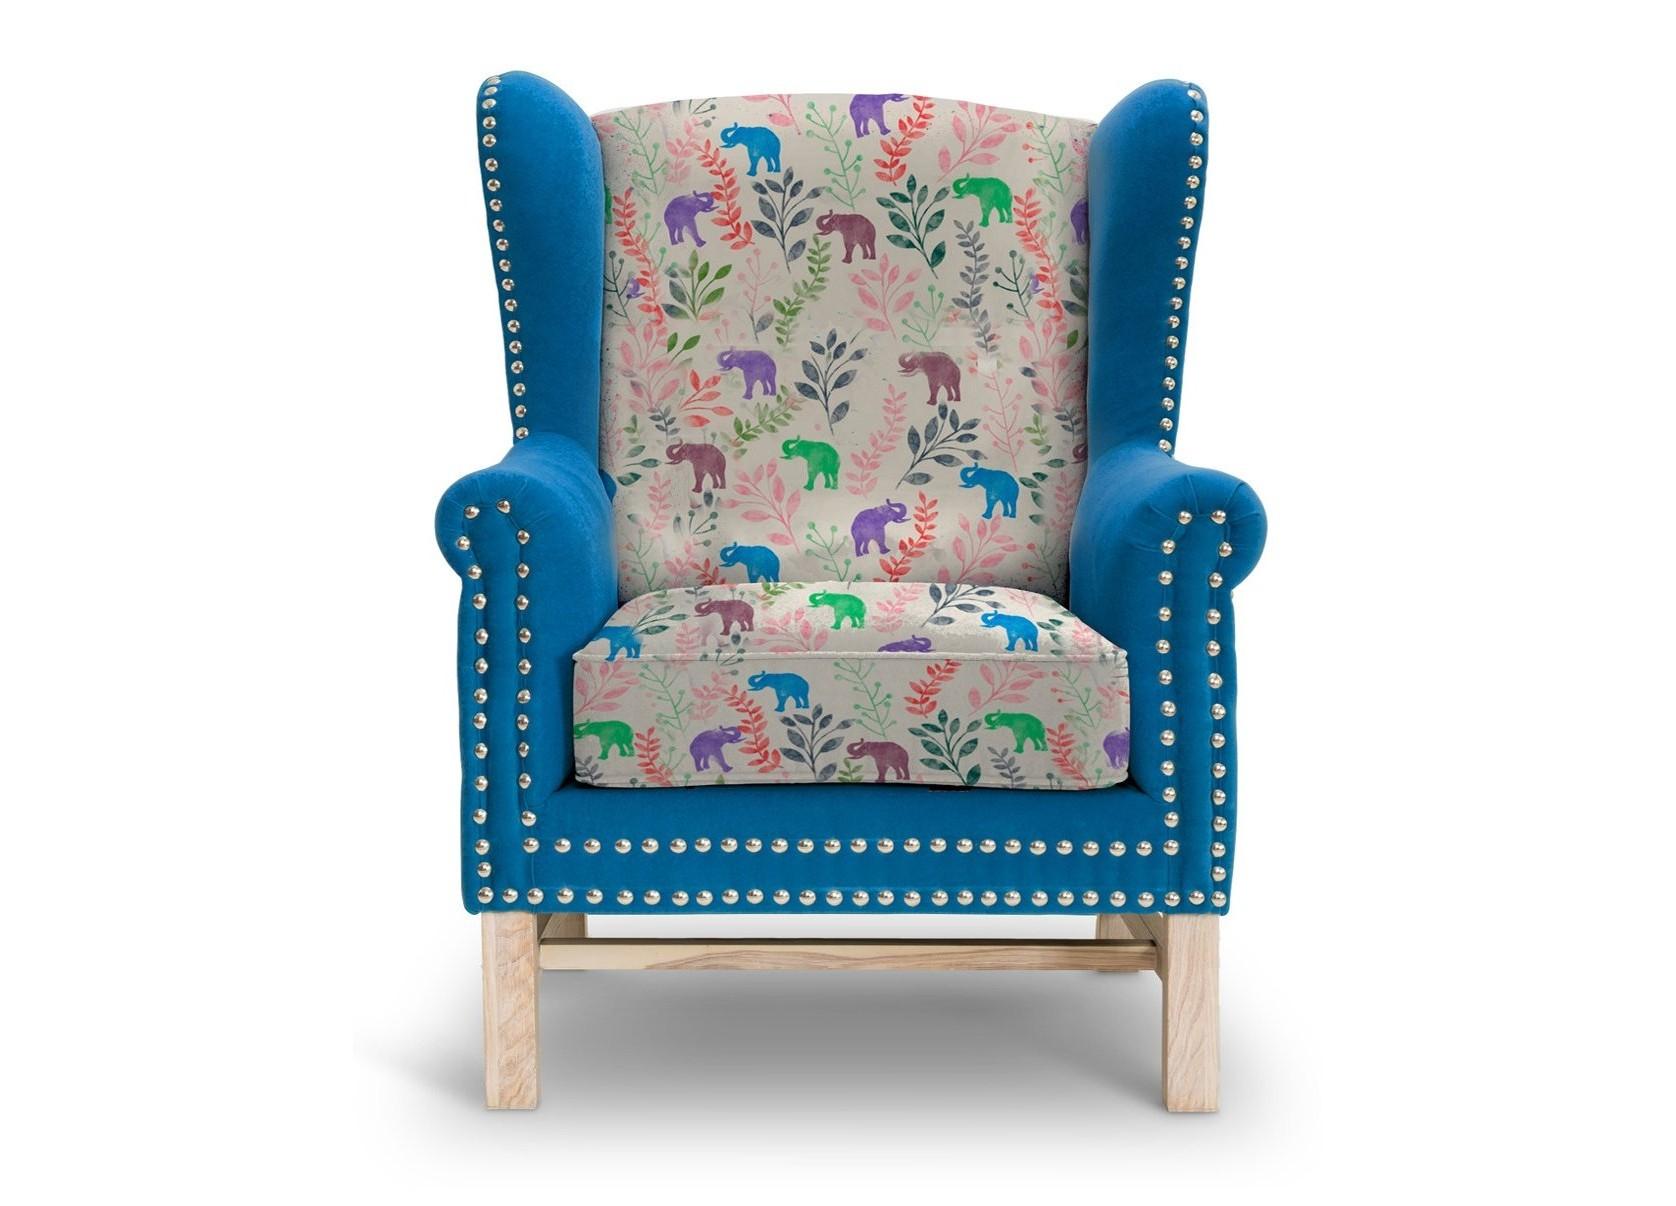 Кресло Ocean ElefantИнтерьерные кресла<br>Уникальный дизайн. Кресло с притом одного из талантливейших художников- иллюстраторов Джеймса Соареса. Отличительная черта американского художника это абстрактный графический дизайн с сочетанием множества оттенков. Комбинируя формы, глубину и текстуры, геометрические узоры, Джеймс противопоставляет структурированное и хаотичному, искусственное и натуральному, а также механическое органическому.&amp;amp;nbsp;&amp;lt;div&amp;gt;&amp;lt;br&amp;gt;&amp;lt;/div&amp;gt;&amp;lt;div&amp;gt;Произведено из экологически чистых материалов. Используется только итальянская фурнитура! Каркас и ножки  - дуб. Модель представлена в ткани микровелюр – мягкий, бархатистый материал. Отлично пропускает воздух, отталкивает пыль и долго сохраняет изначальный цвет, не протираясь и не выцветая.&amp;amp;nbsp;&amp;lt;/div&amp;gt;&amp;lt;div&amp;gt;Варианты исполнения: <br>По желанию возможность выбрать ткань из других коллекций.&amp;amp;nbsp;&amp;lt;/div&amp;gt;&amp;lt;div&amp;gt;Гарантия: от производителя 1 год.&amp;lt;/div&amp;gt;&amp;lt;div&amp;gt;Материалы: дуб, текстиль.&amp;amp;nbsp;&amp;lt;/div&amp;gt;&amp;lt;div&amp;gt;Более точную информацию уточняйте у менеджера.&amp;lt;/div&amp;gt;<br><br>Material: Текстиль<br>Length см: None<br>Width см: 86<br>Depth см: 84<br>Height см: 105